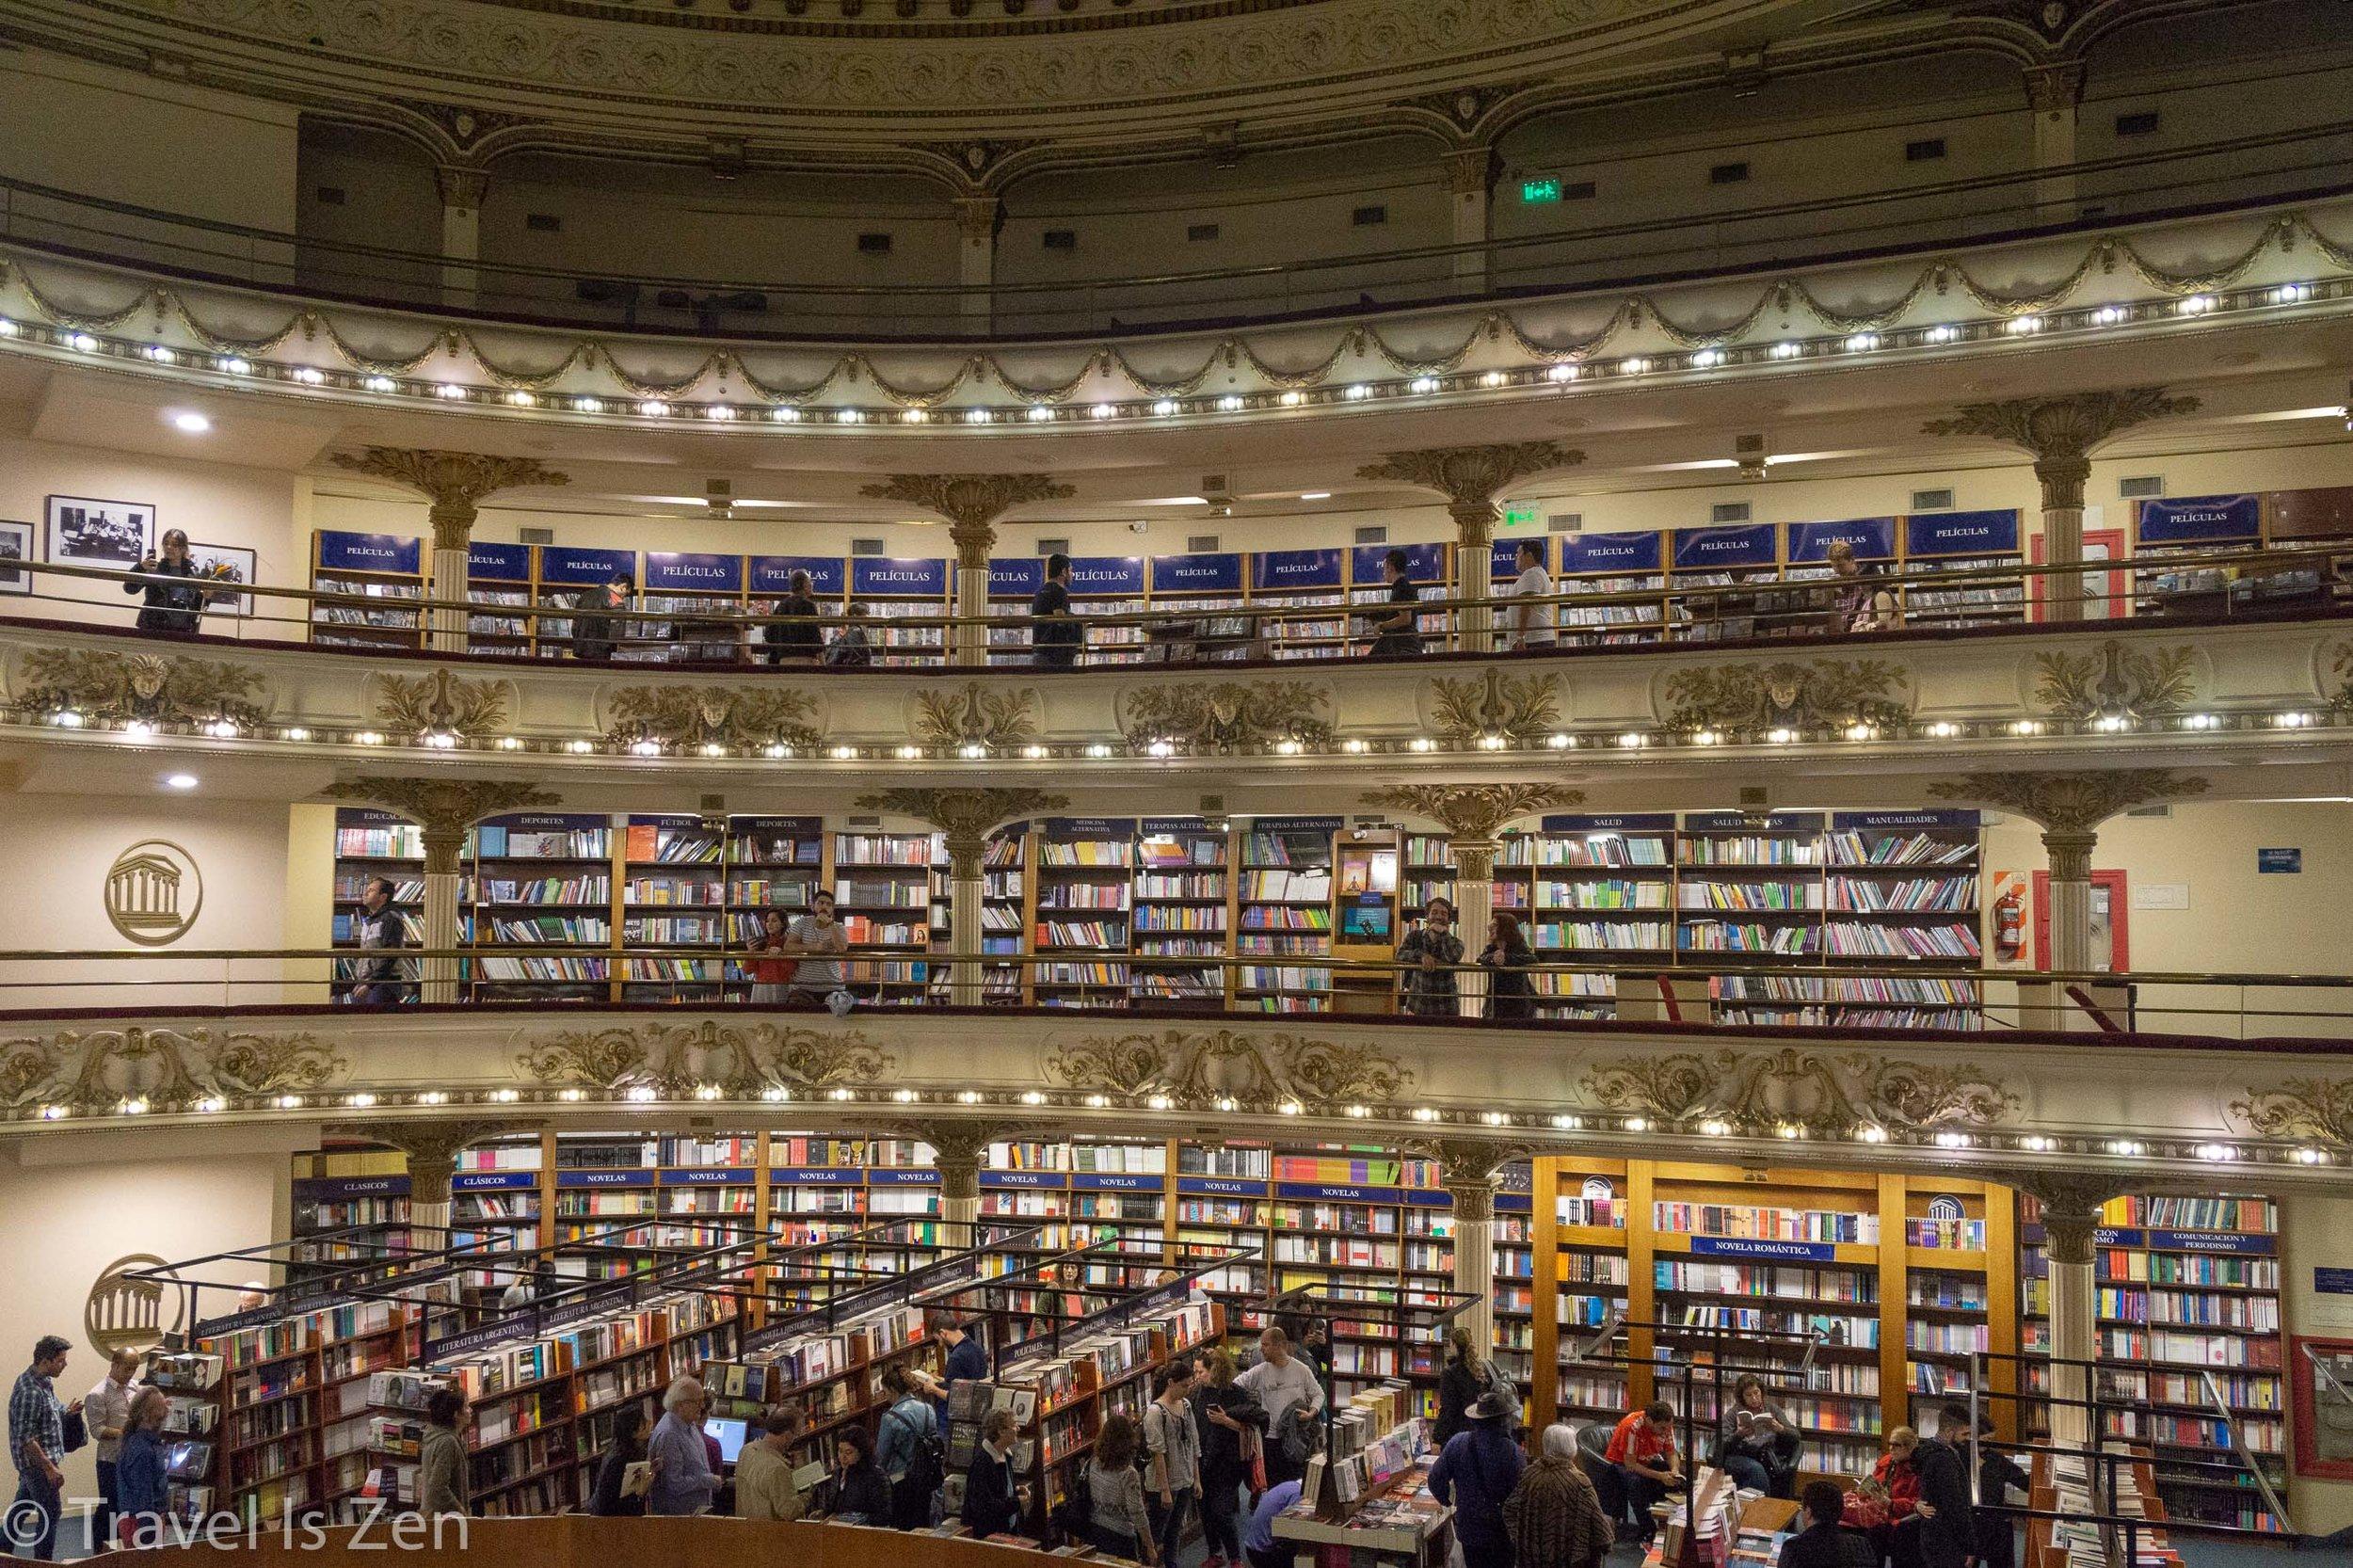 El Ateneo Grand Splendid Bookstore